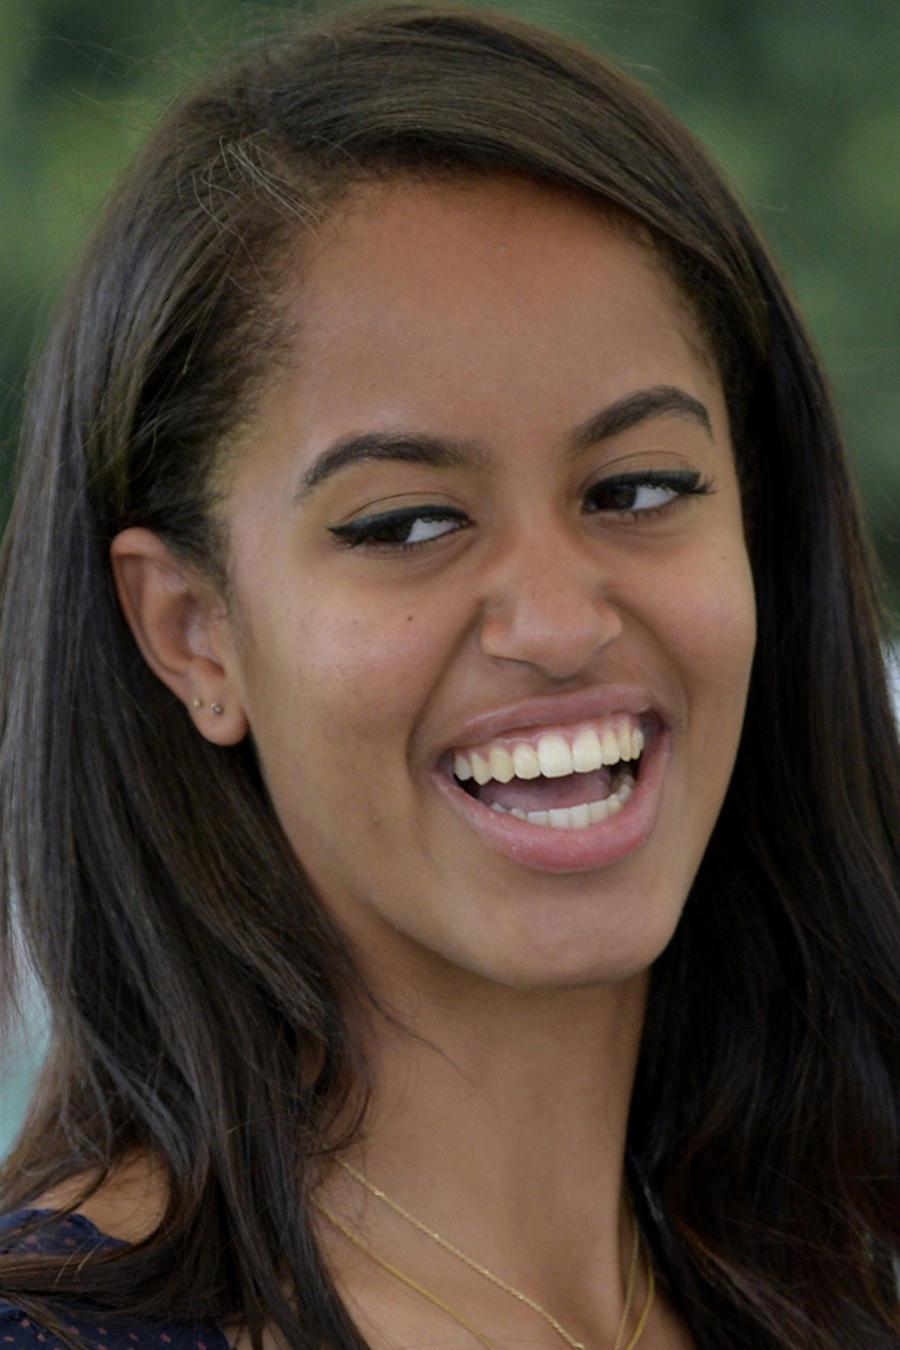 Malia Obama, hija del ex presidente, levantó críticas por su comportamiento en un concierto